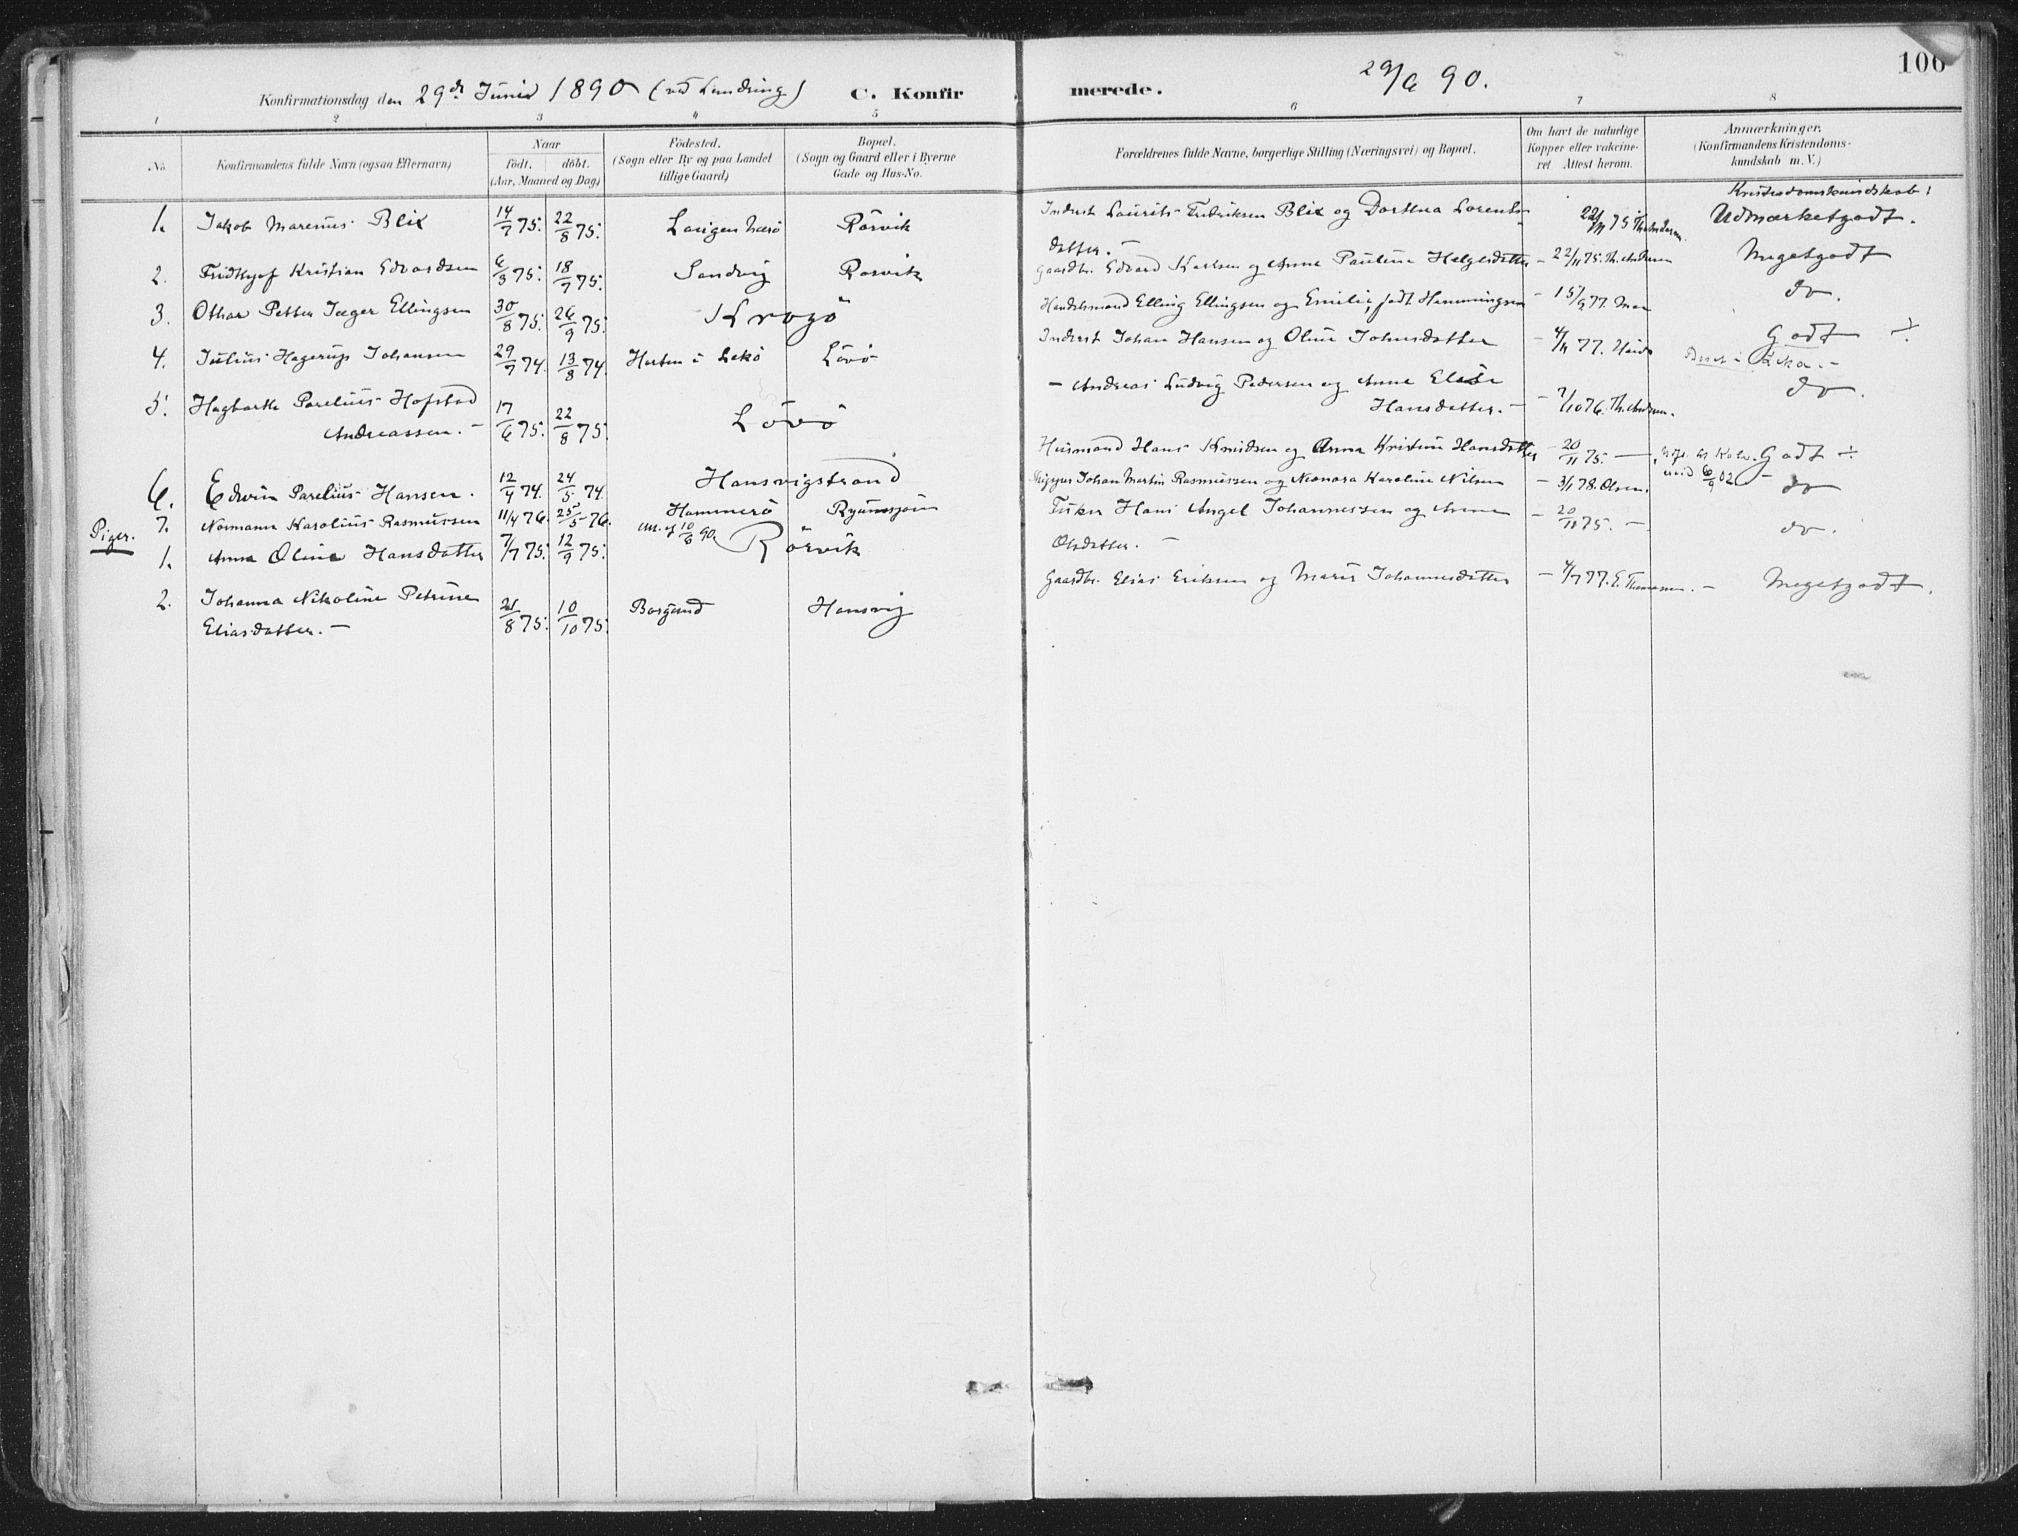 SAT, Ministerialprotokoller, klokkerbøker og fødselsregistre - Nord-Trøndelag, 786/L0687: Ministerialbok nr. 786A03, 1888-1898, s. 106